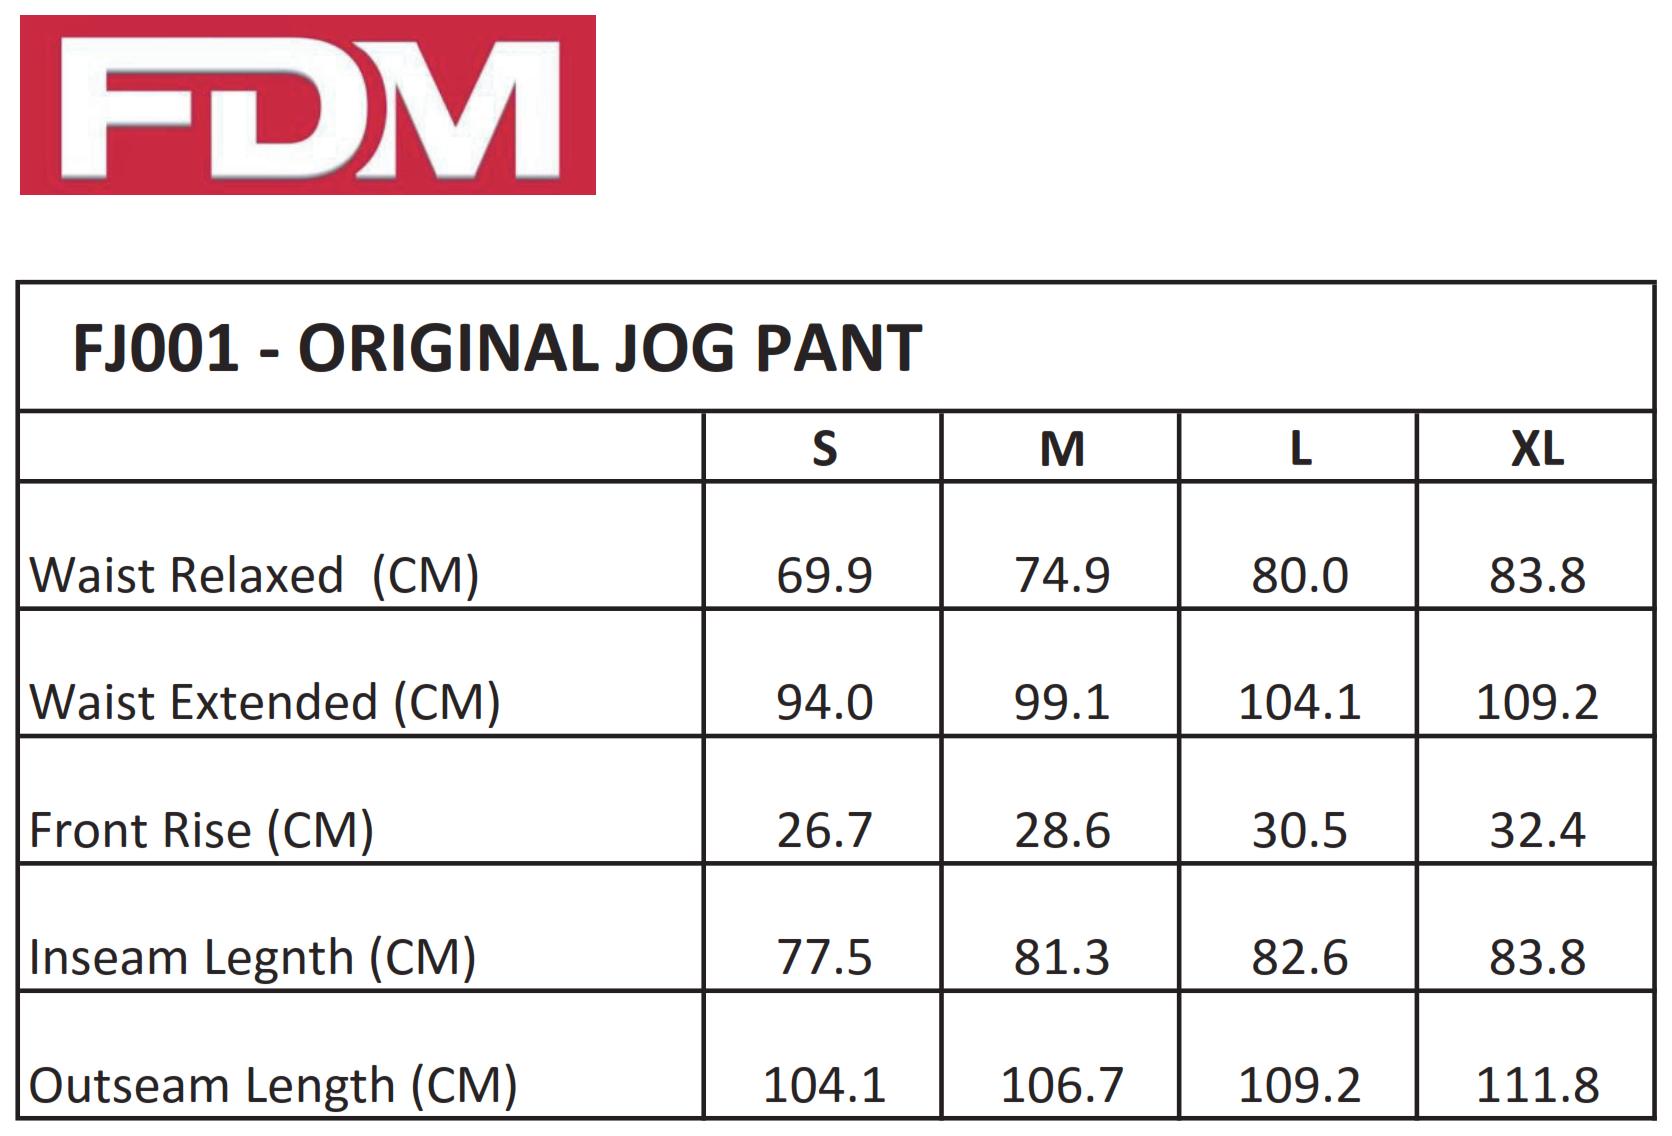 FDM: Original Jog Pants FJ001